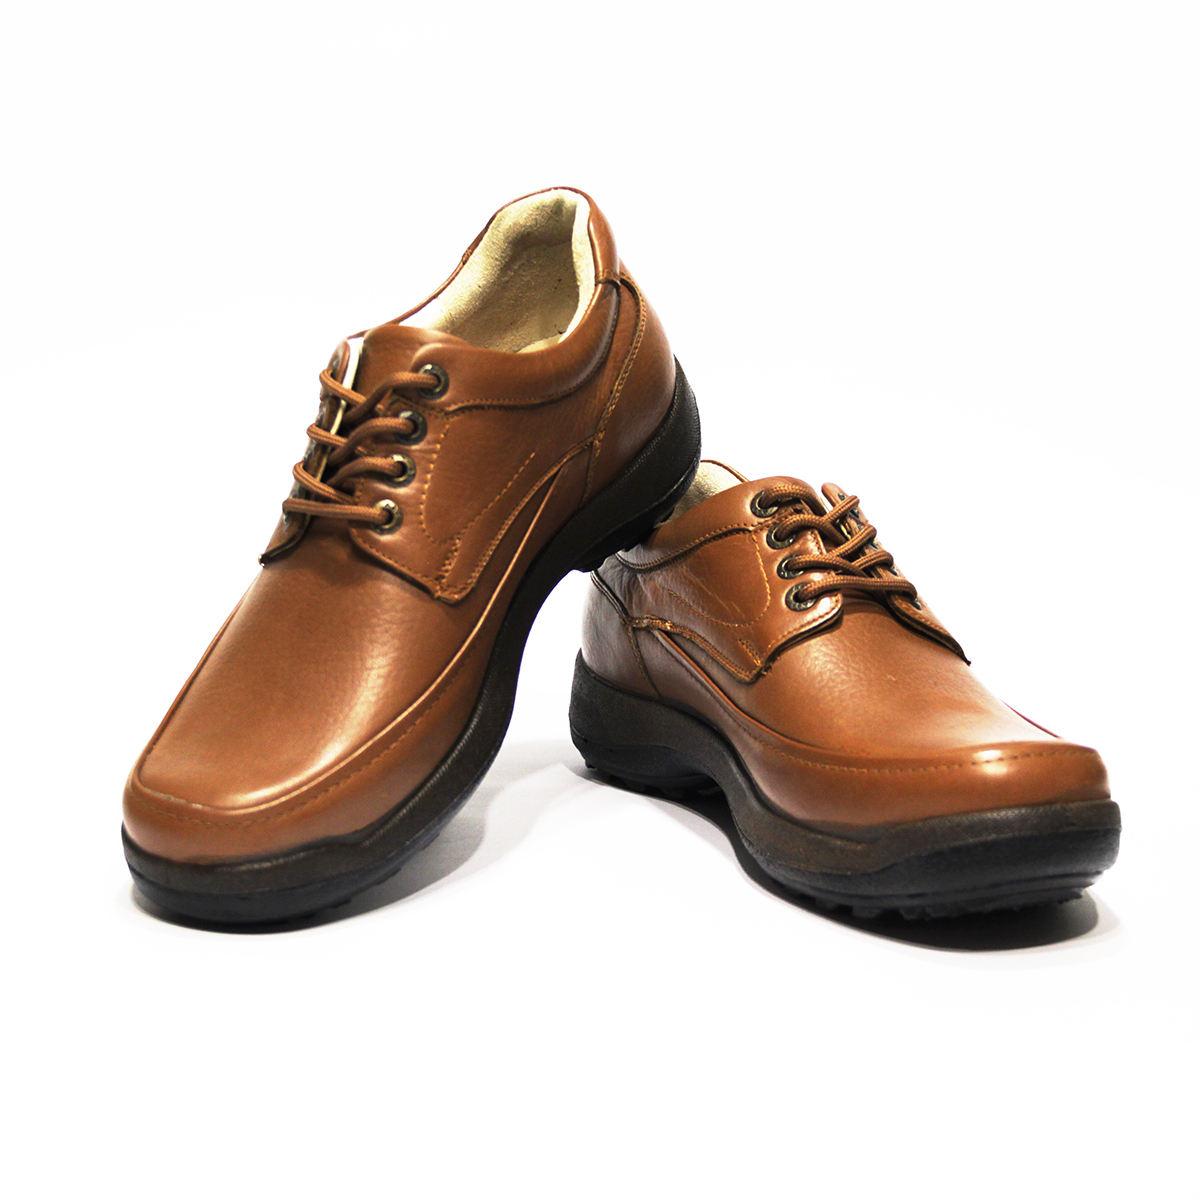 کفش روزمره مردانه فرزین کد mbw003 رنگ گردویی -  - 1